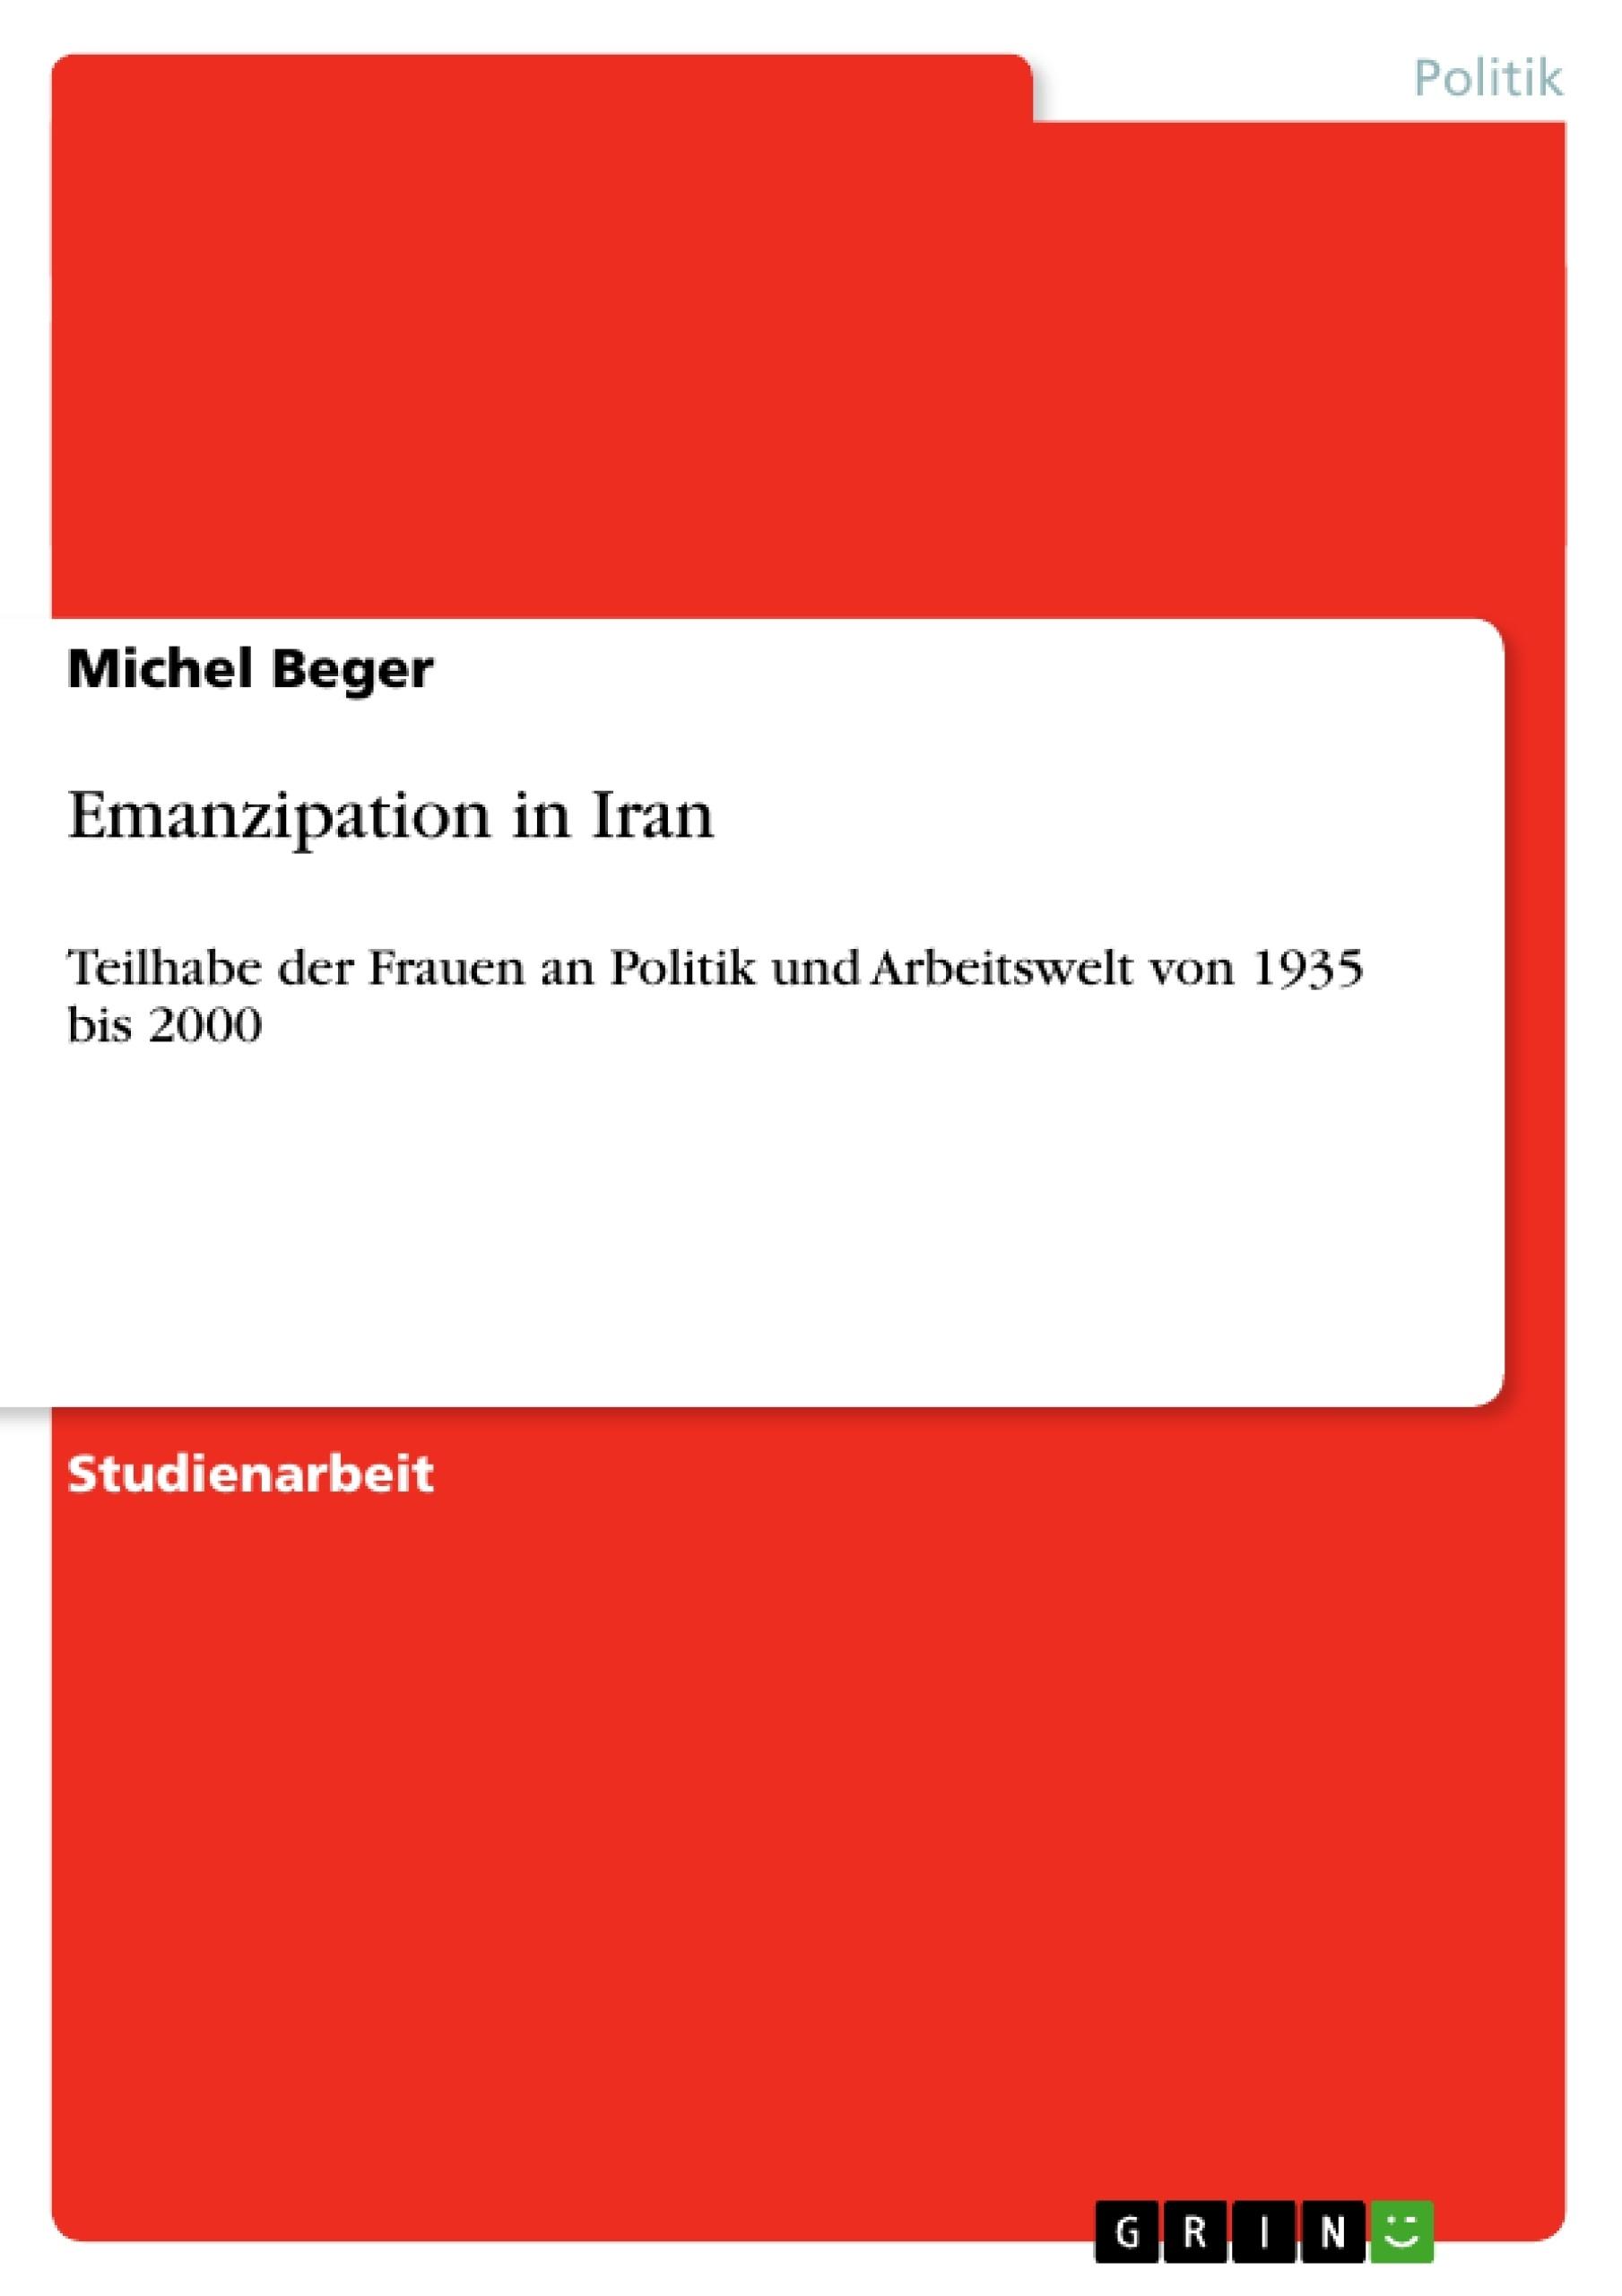 Titel: Emanzipation in Iran